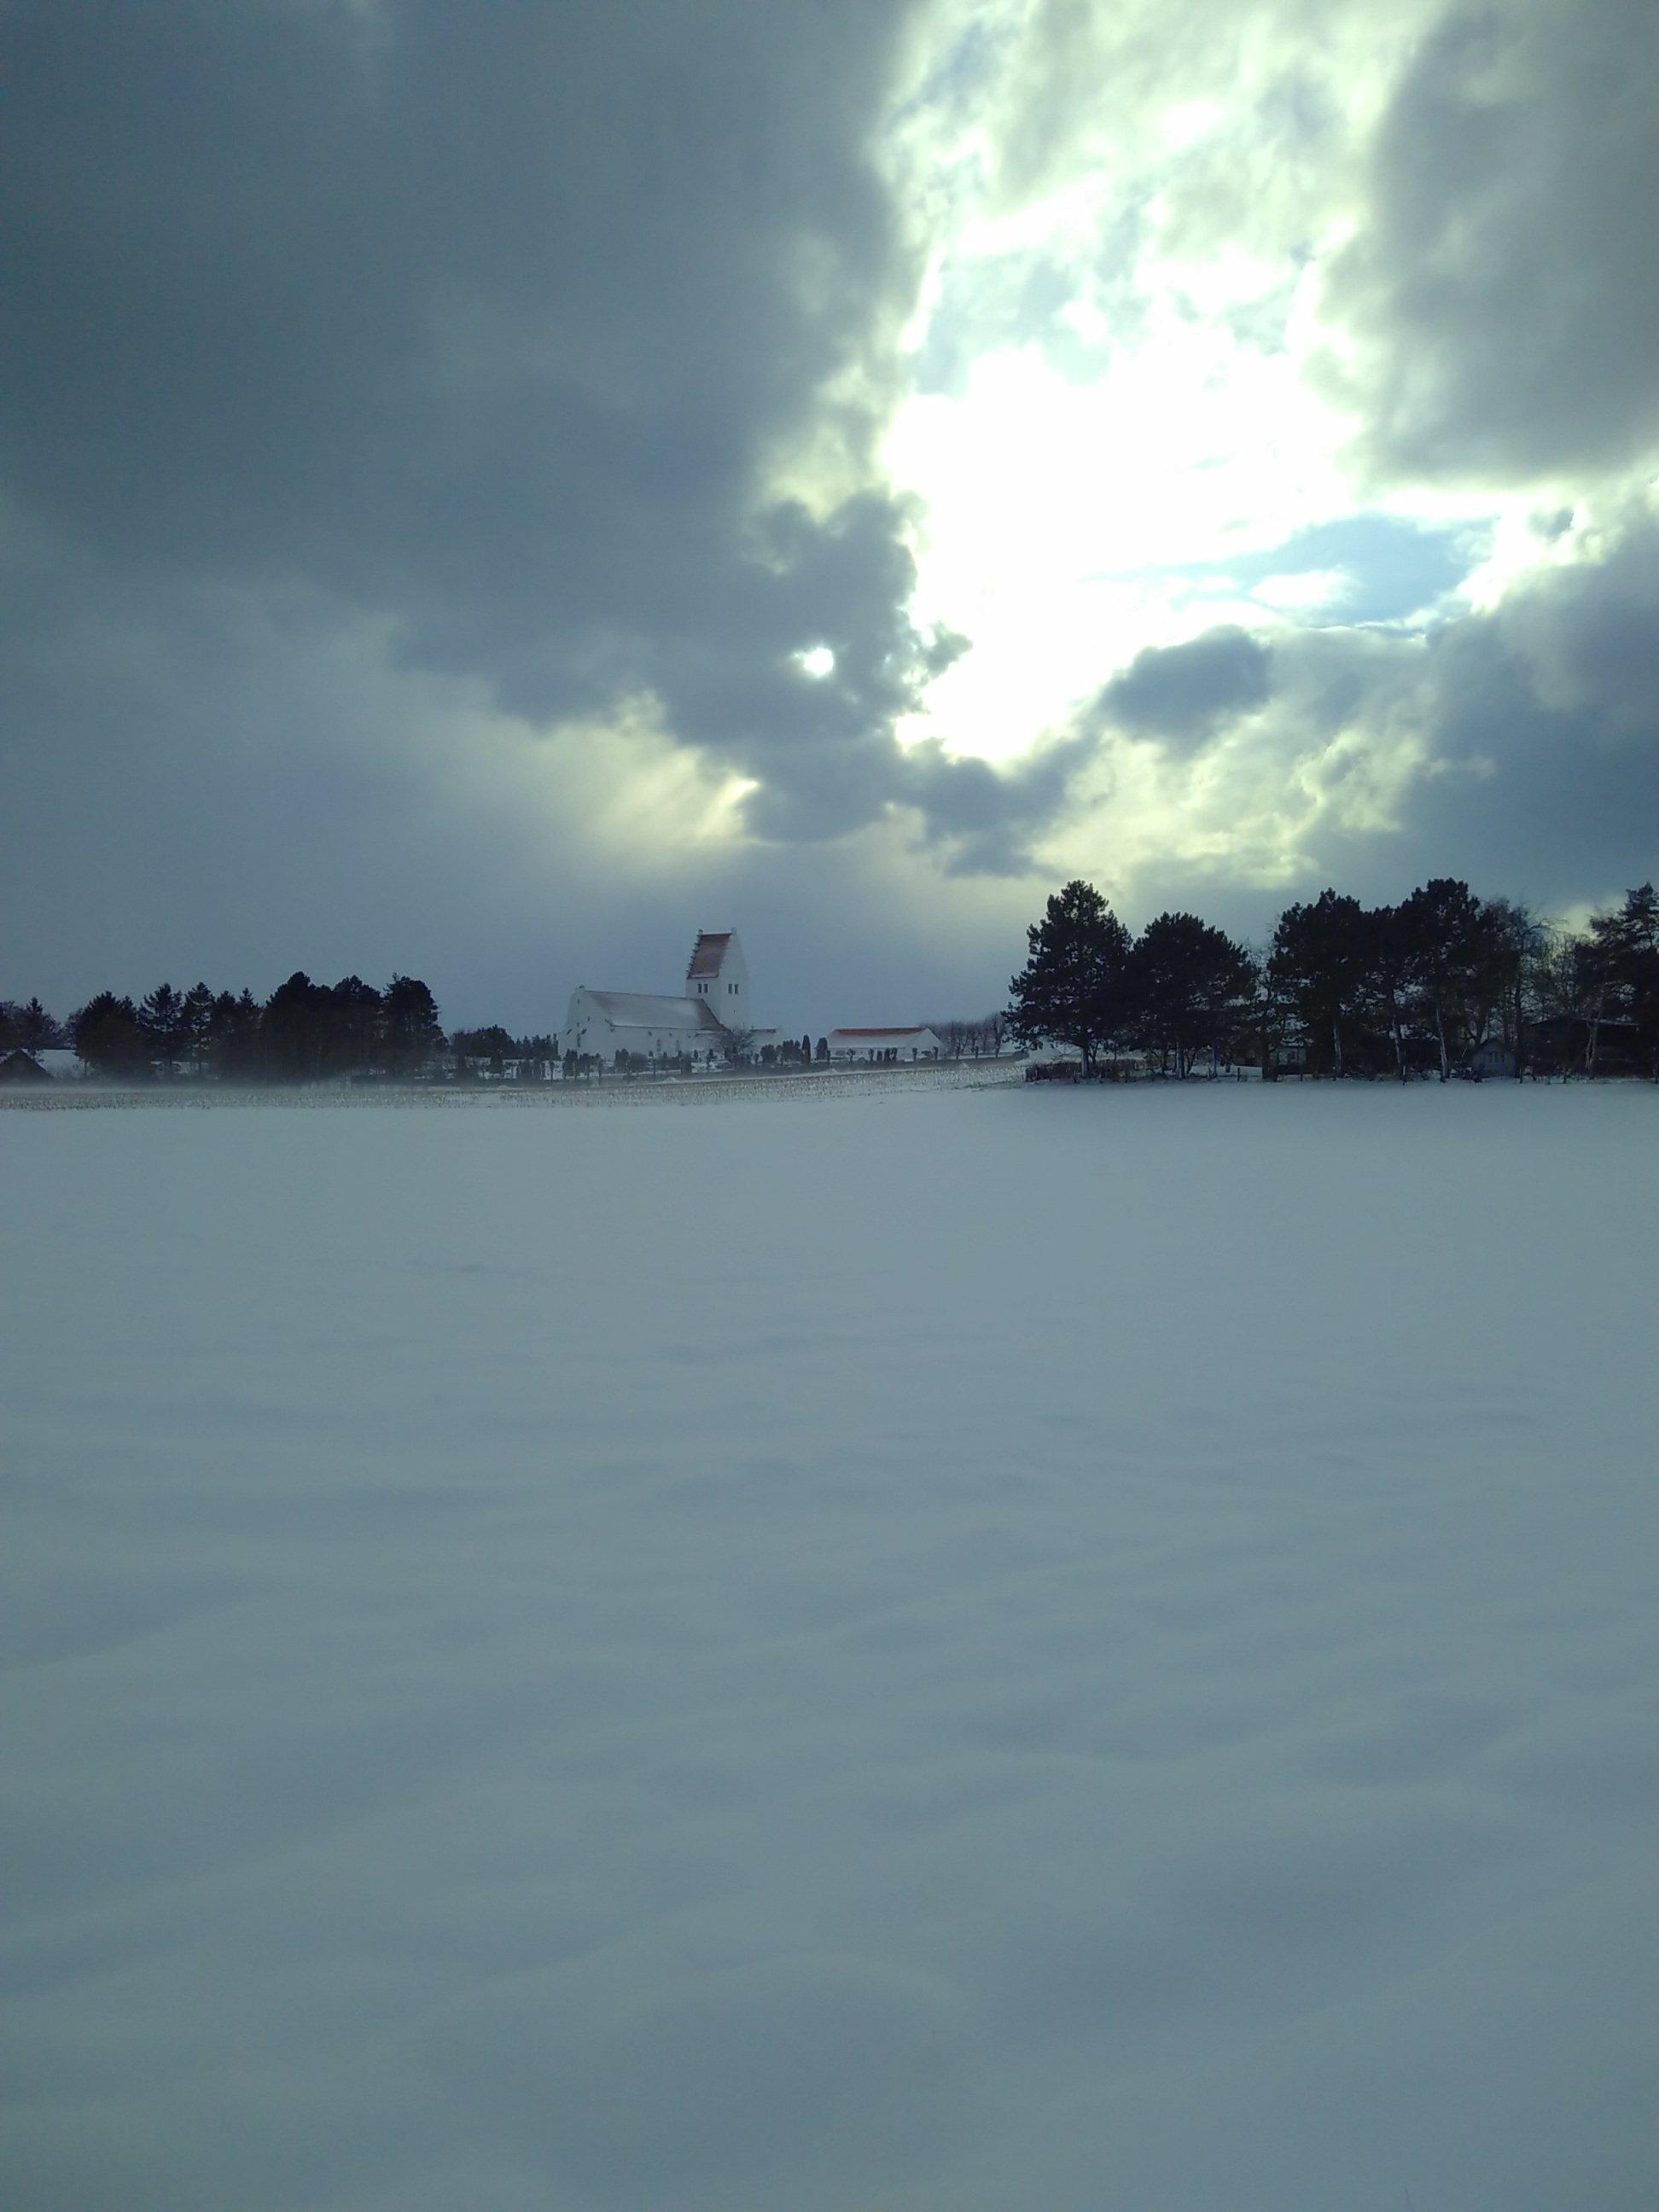 Et kortvarigt ophold i snevejret gav et fantastisk flot lys i himlen over kirken.